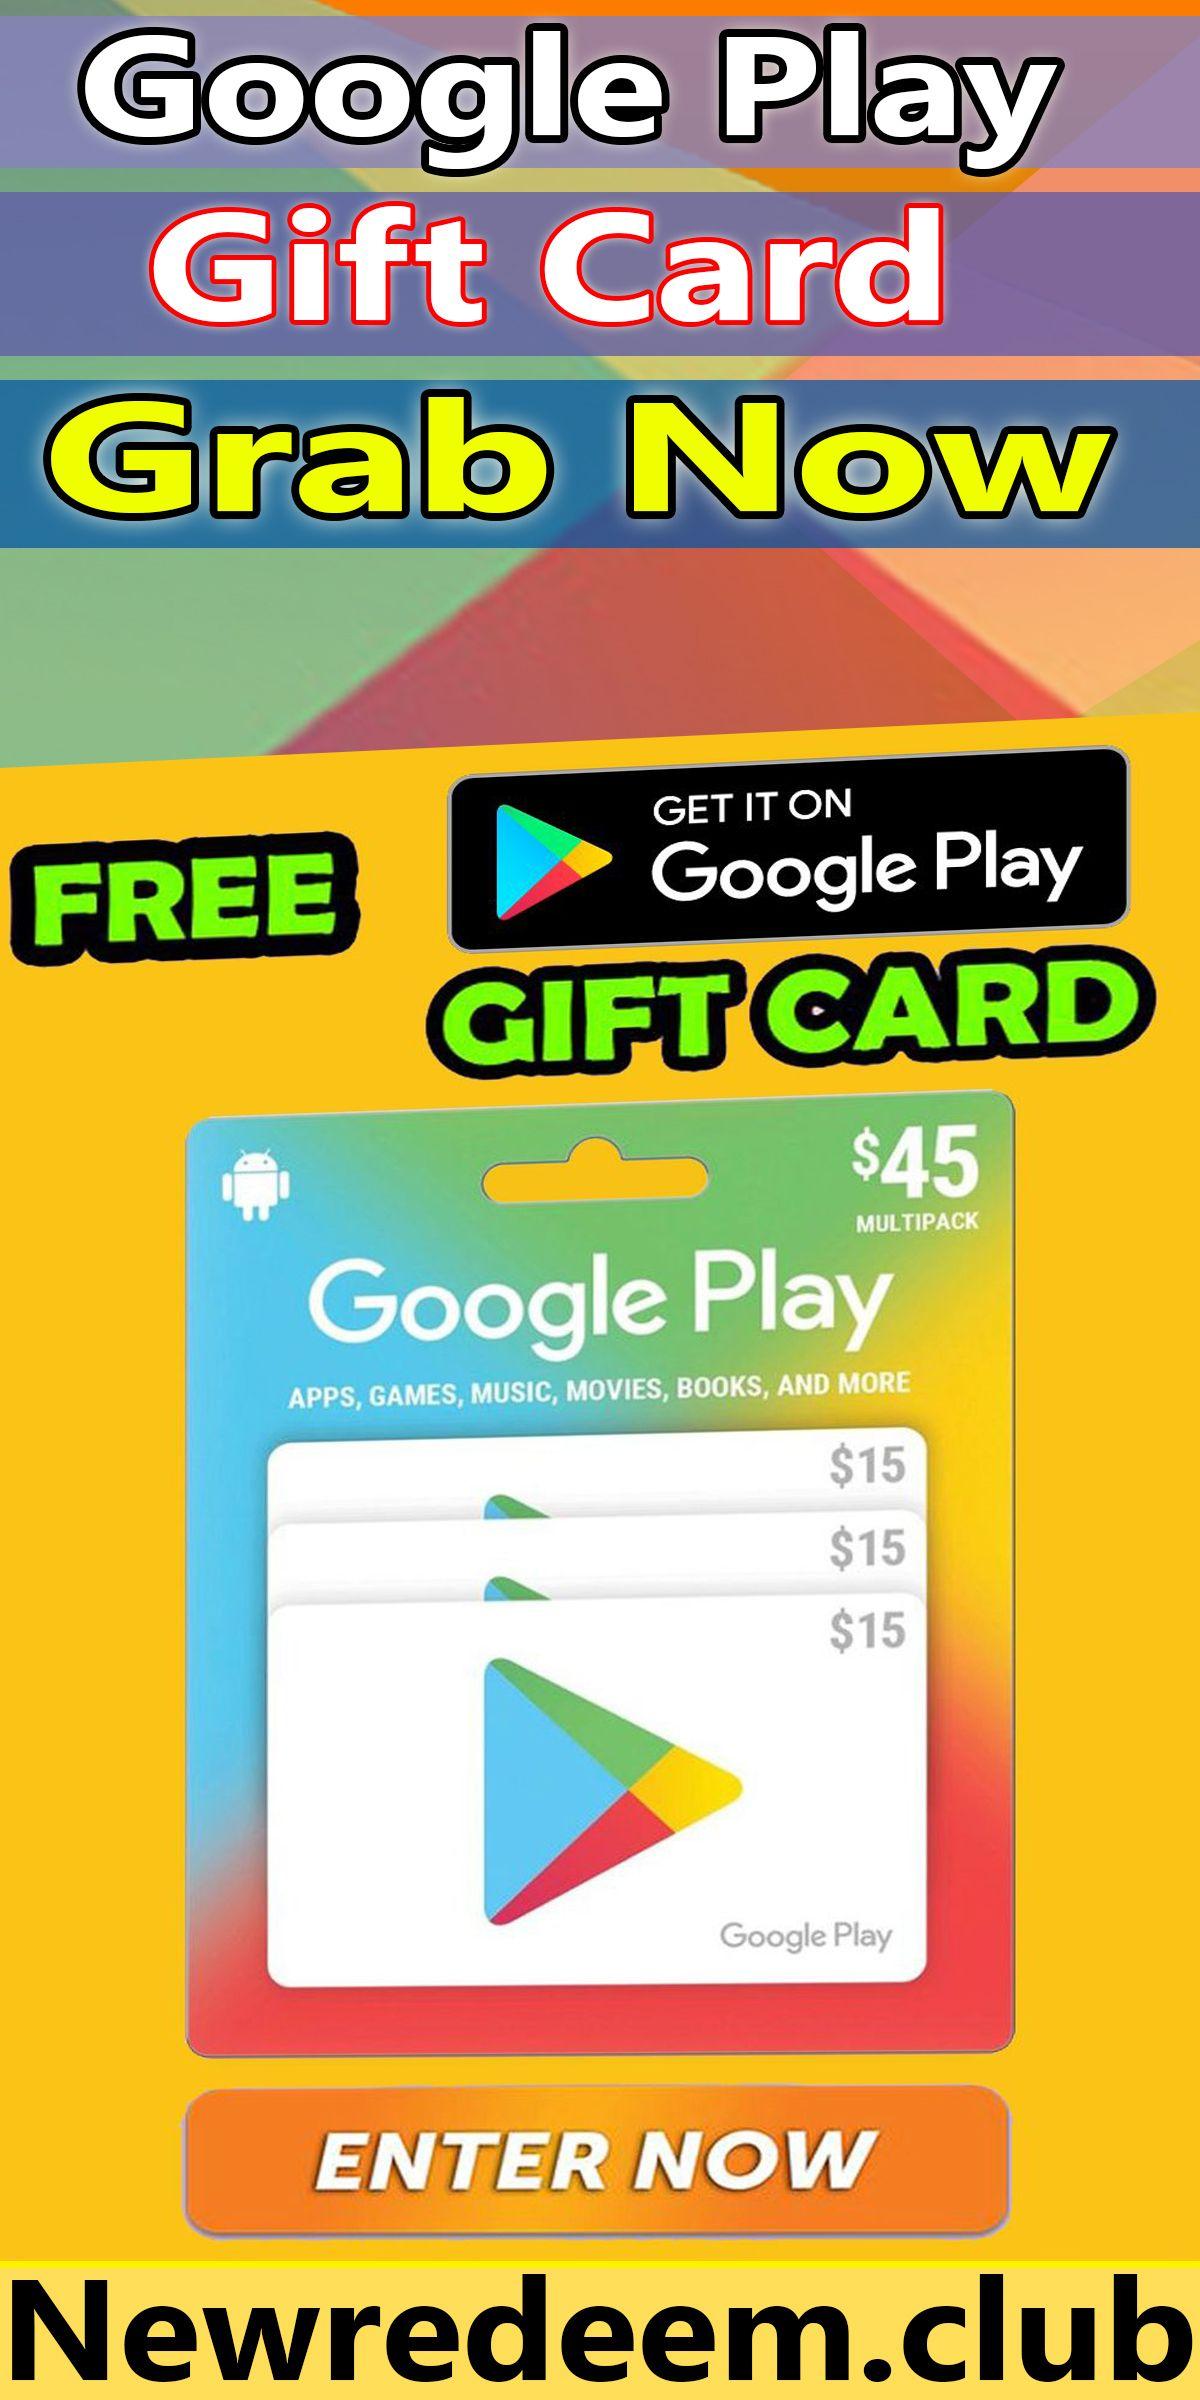 Free Google Play Gift Card Unused Codes Generator 2020 in